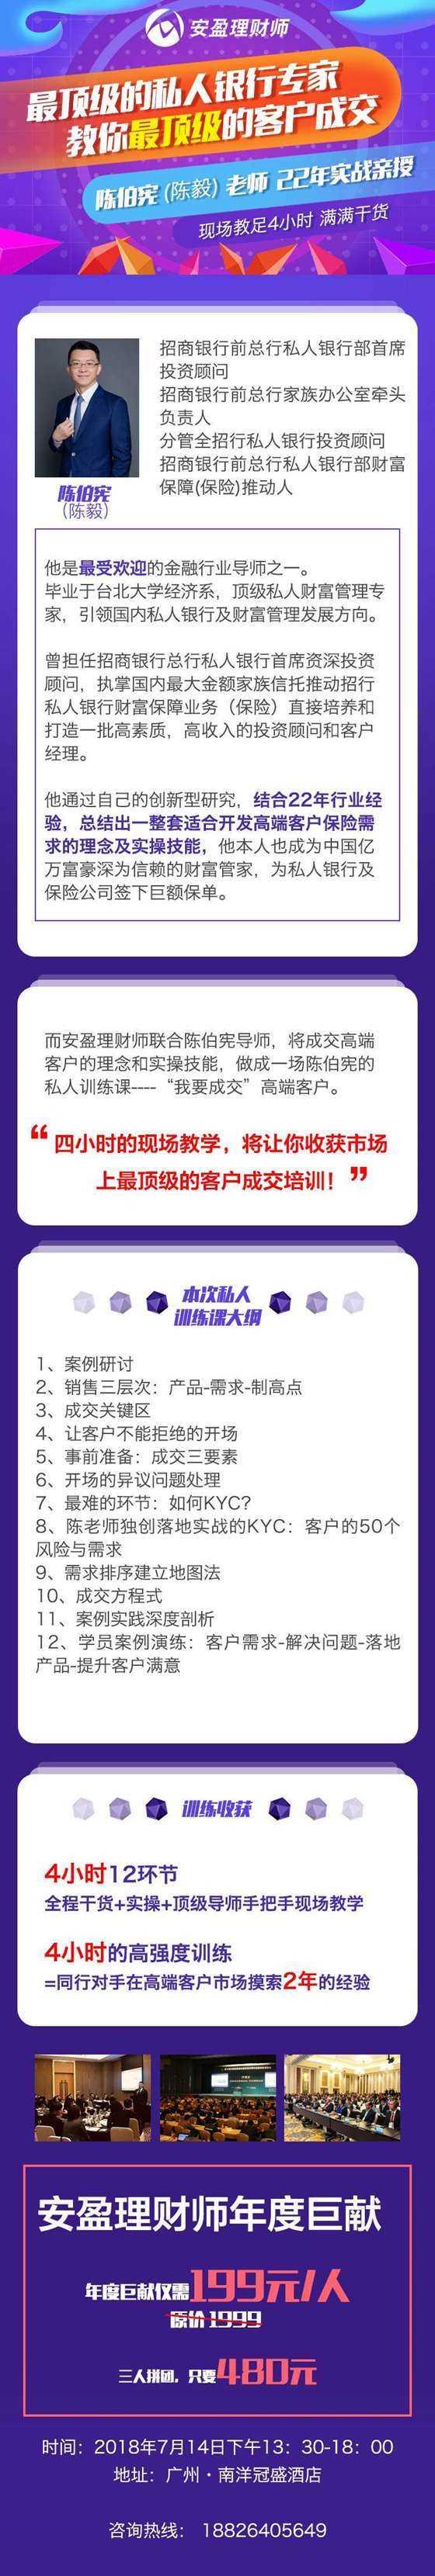 长海报7-4.jpg